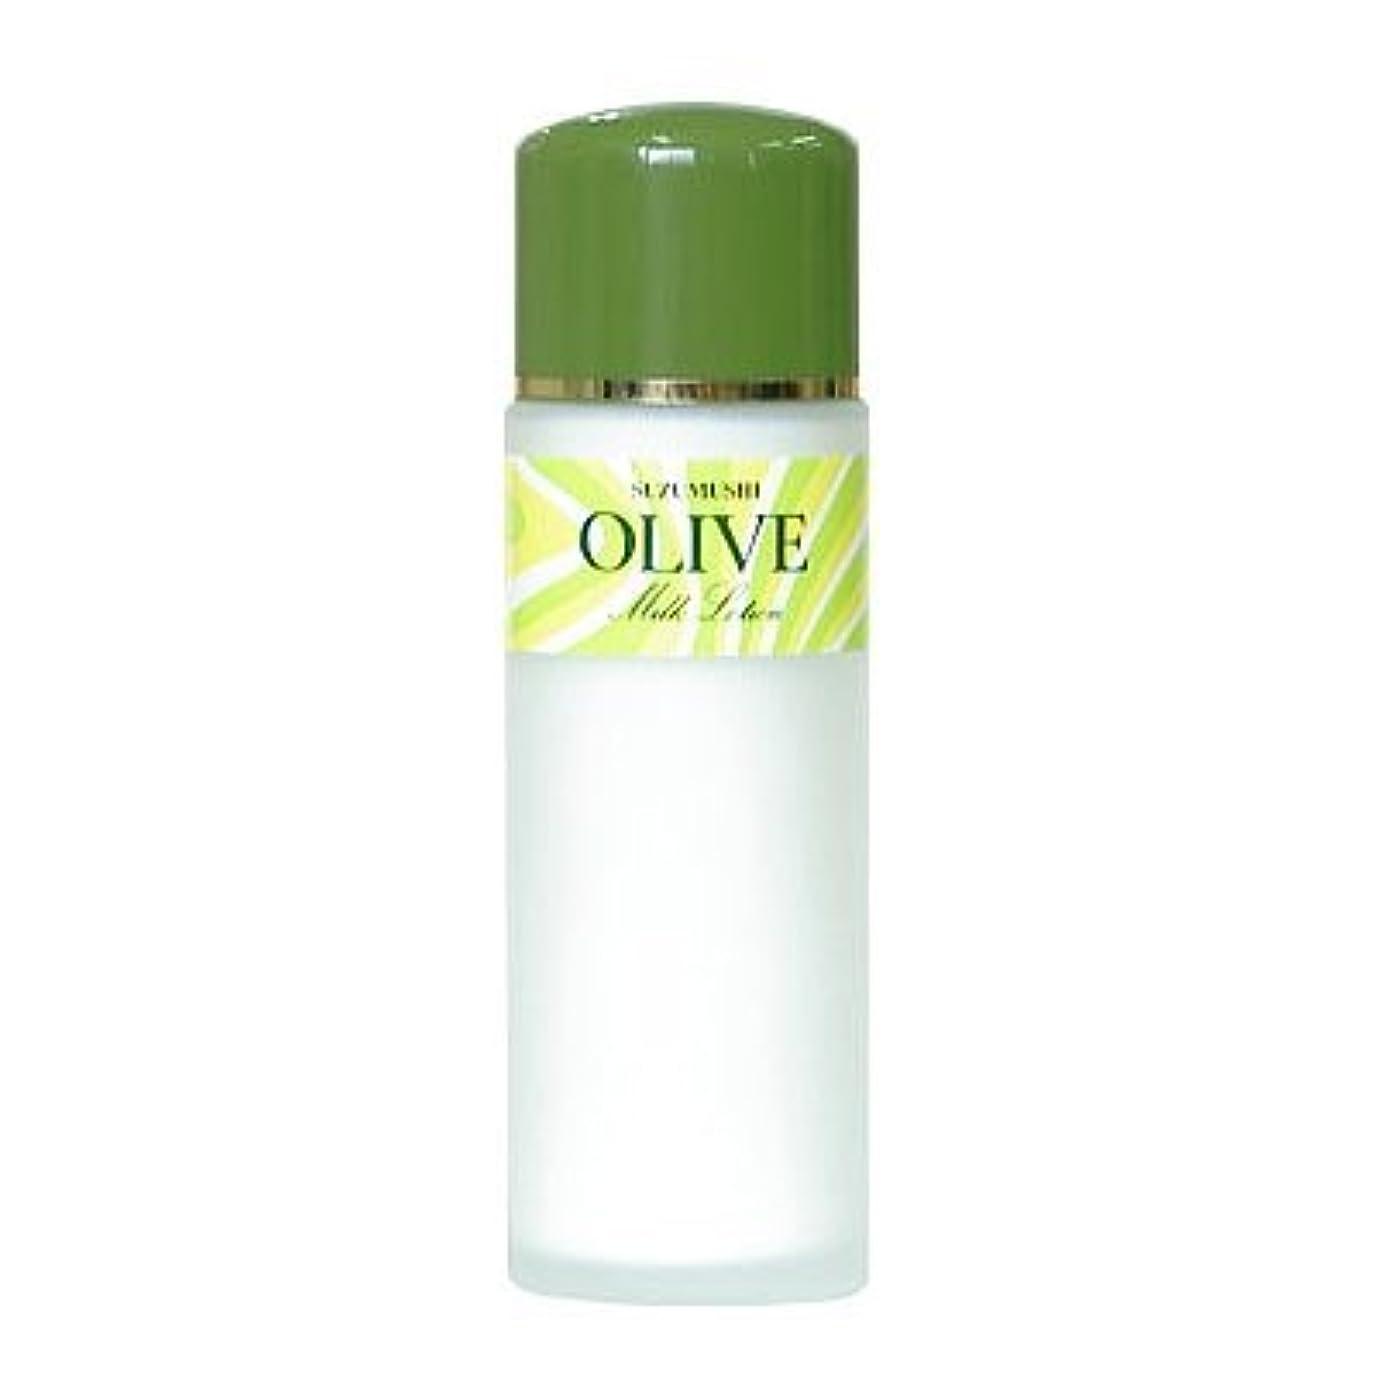 後腸マキシム鈴虫化粧品 オリーブミルクローション120ml